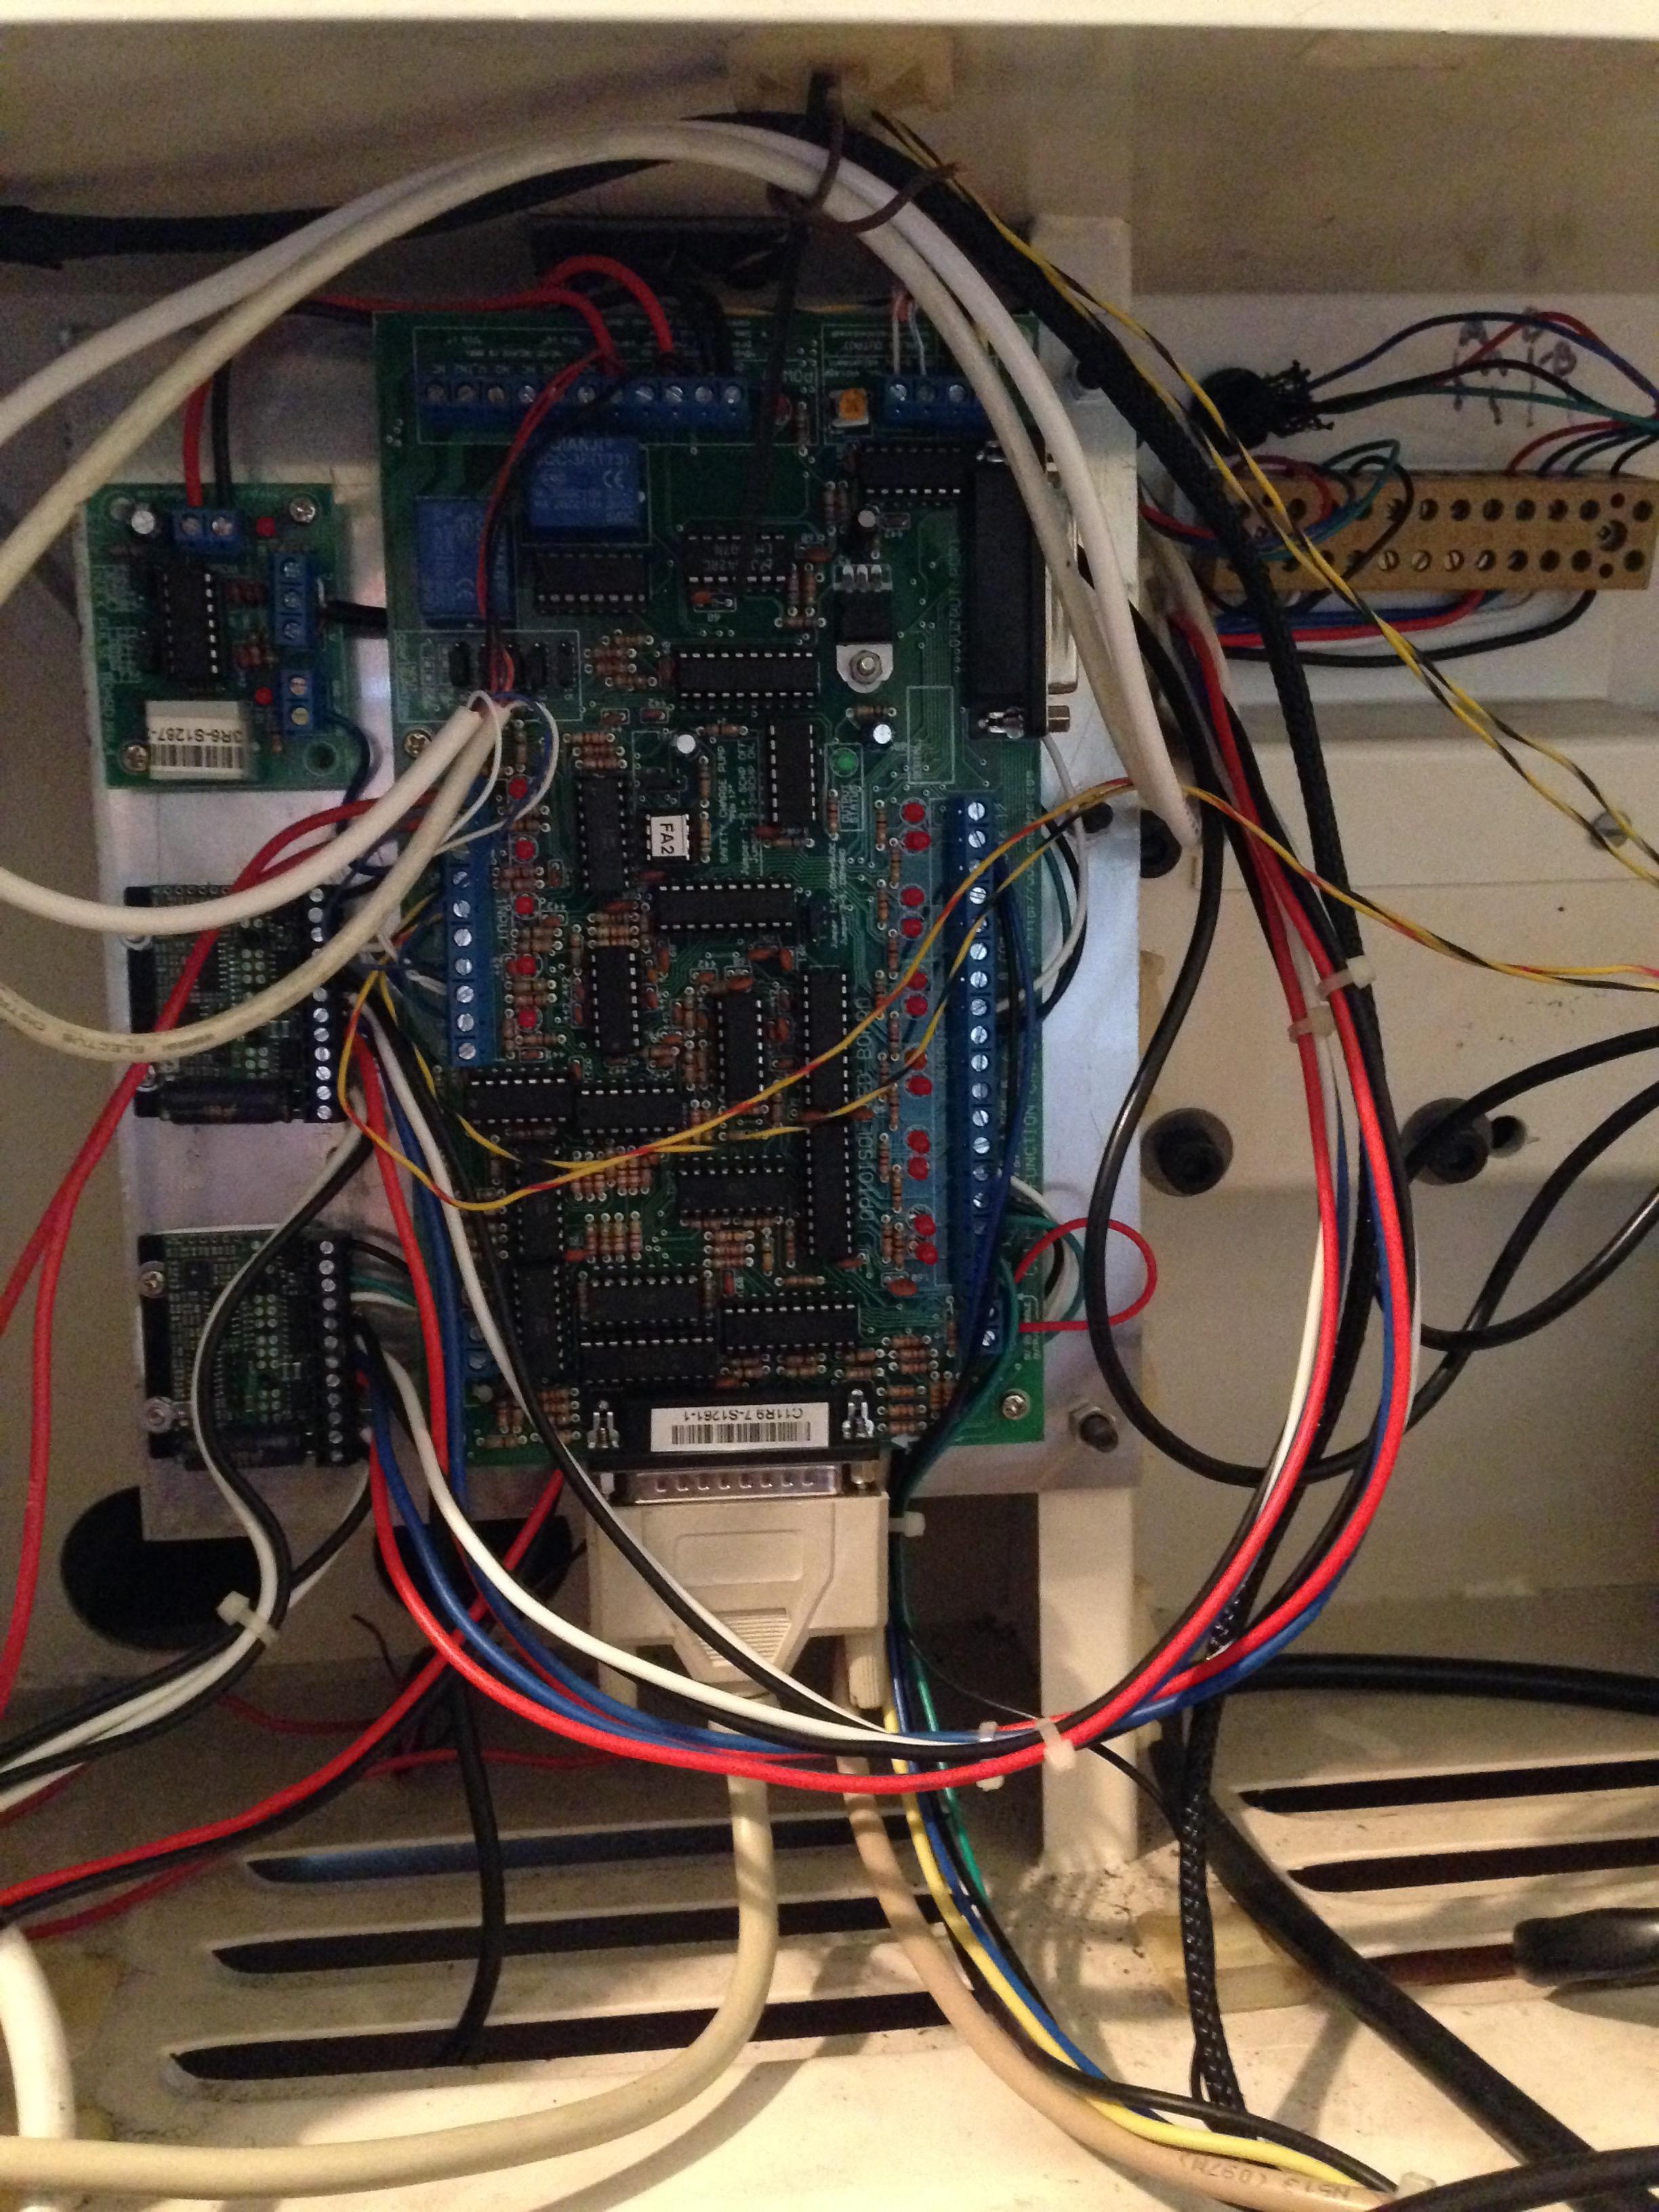 ... c11 breakout board wiring diagram diy wiring diagrams \u2022 CNC DB25  Diagram for Wiring cnc